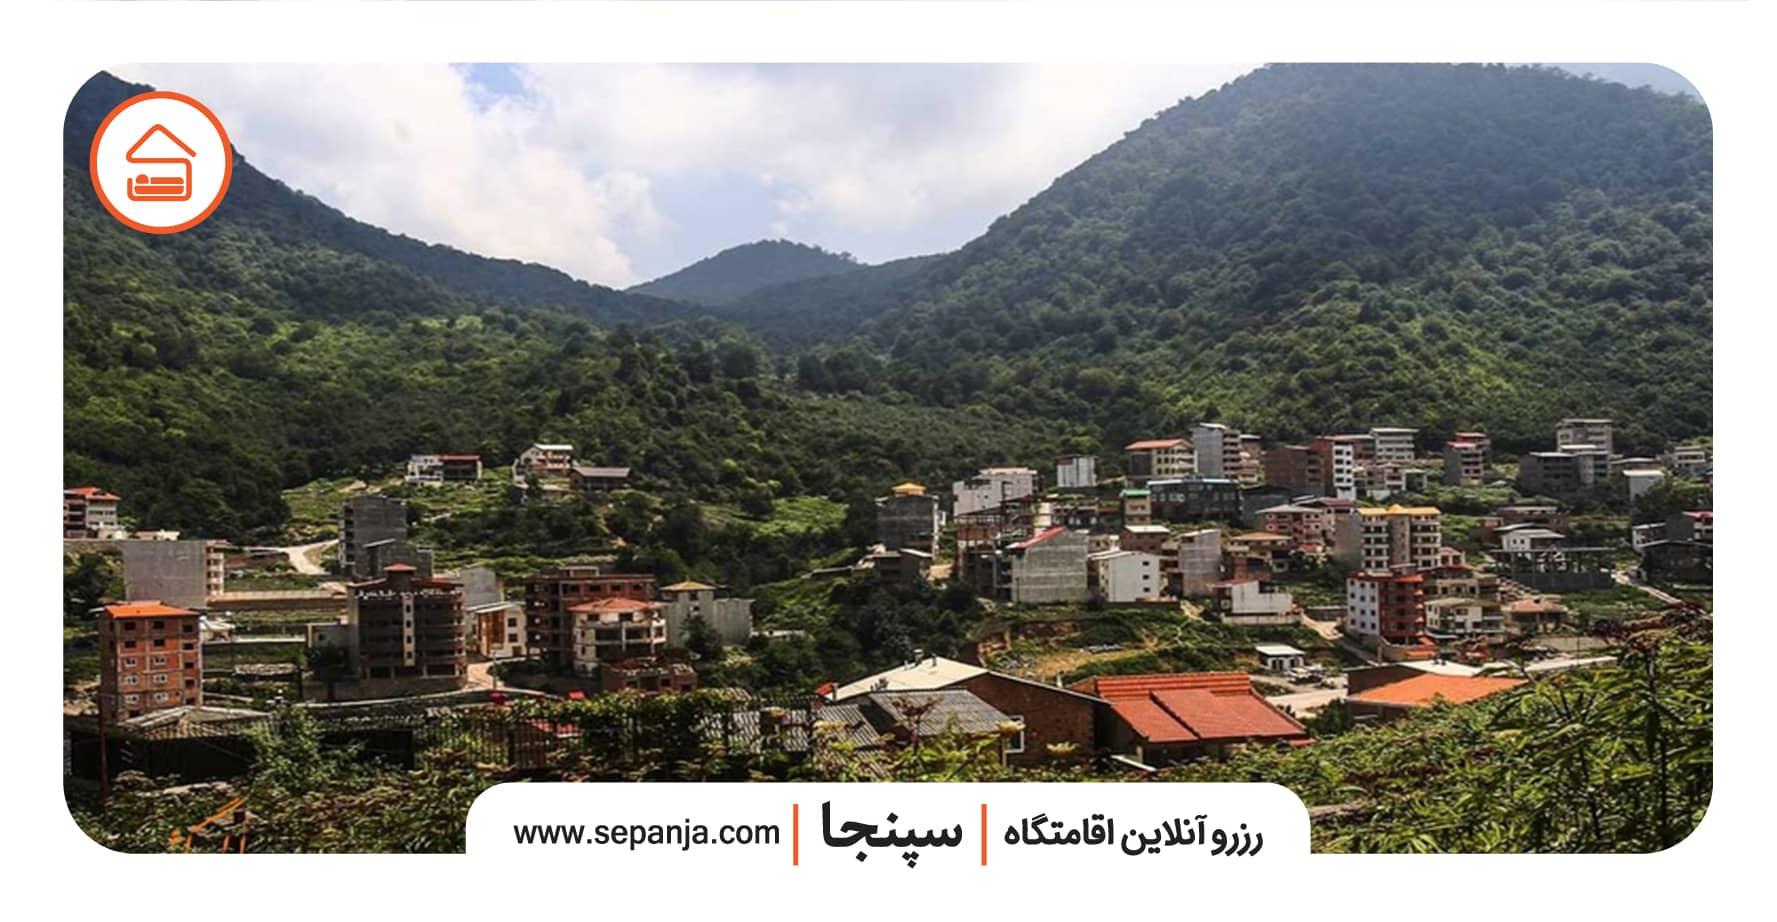 سفر به روستای زیارت گرگان